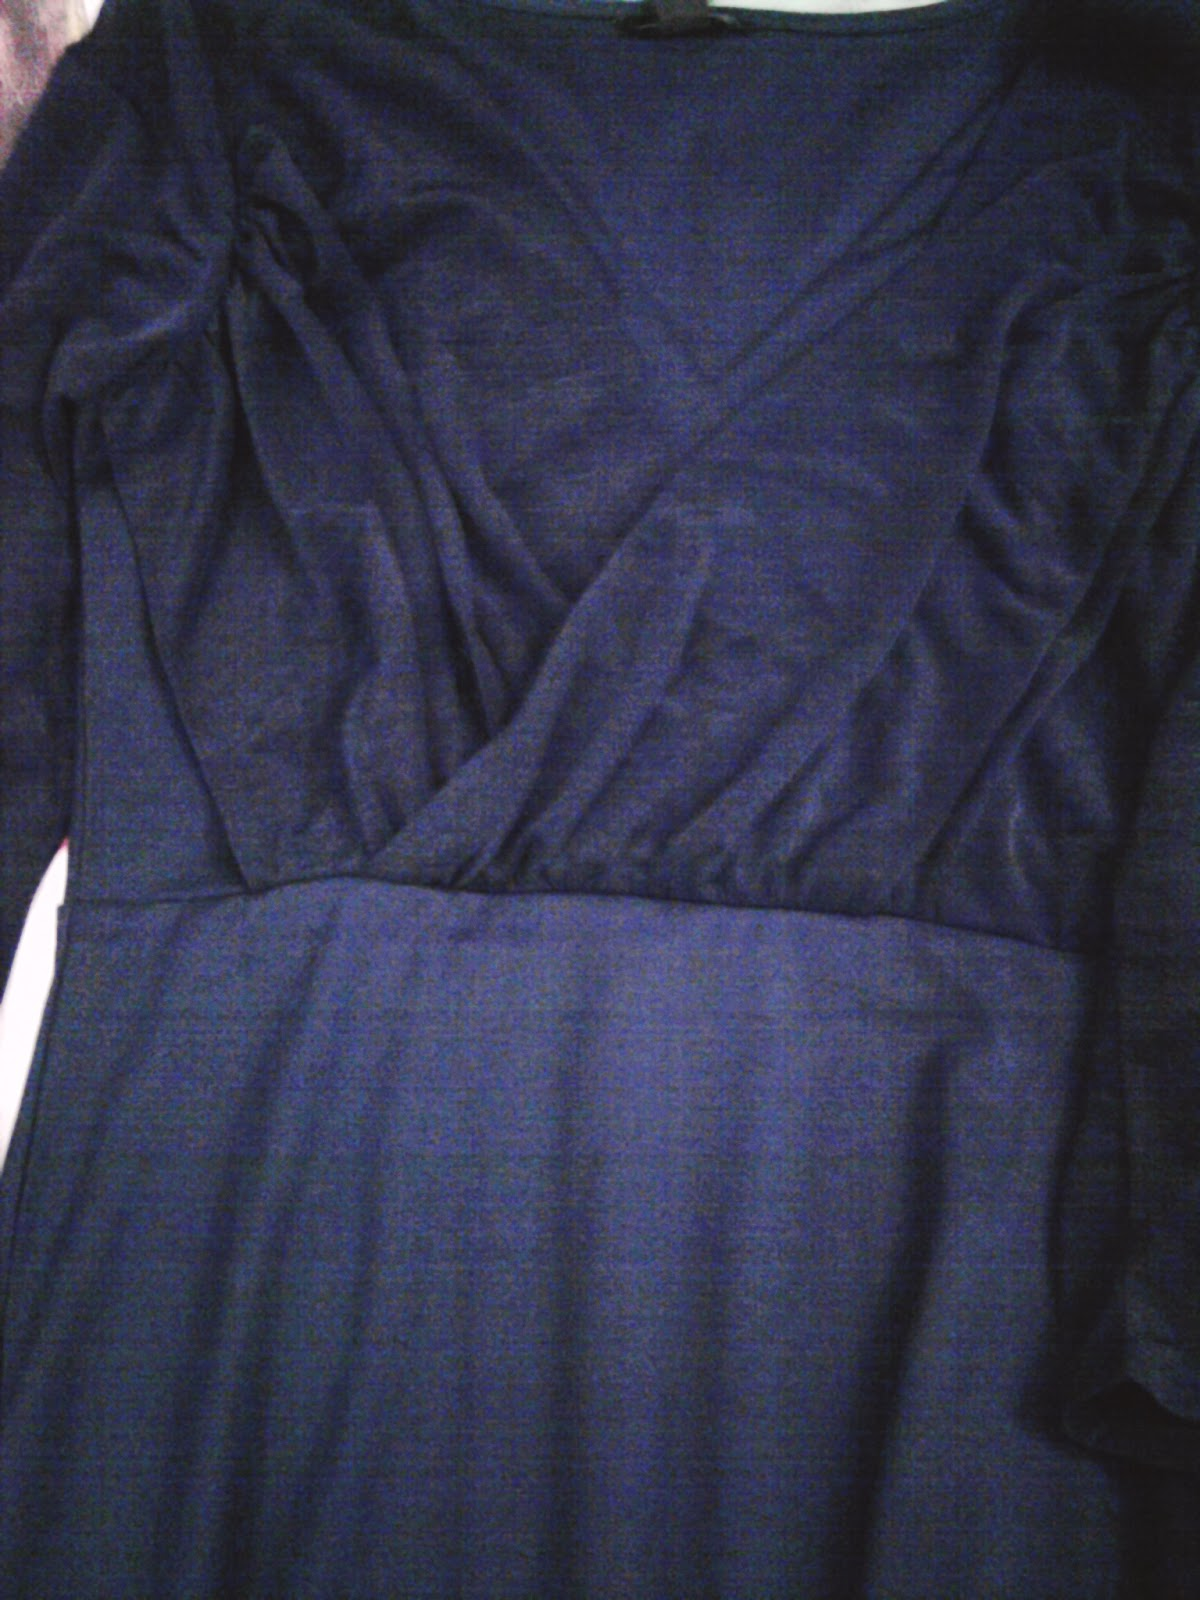 10f256f0b24df Aurelia Beauty & Fashion Blog: Haul : H&M, Yves Rocher, Kiabi ...